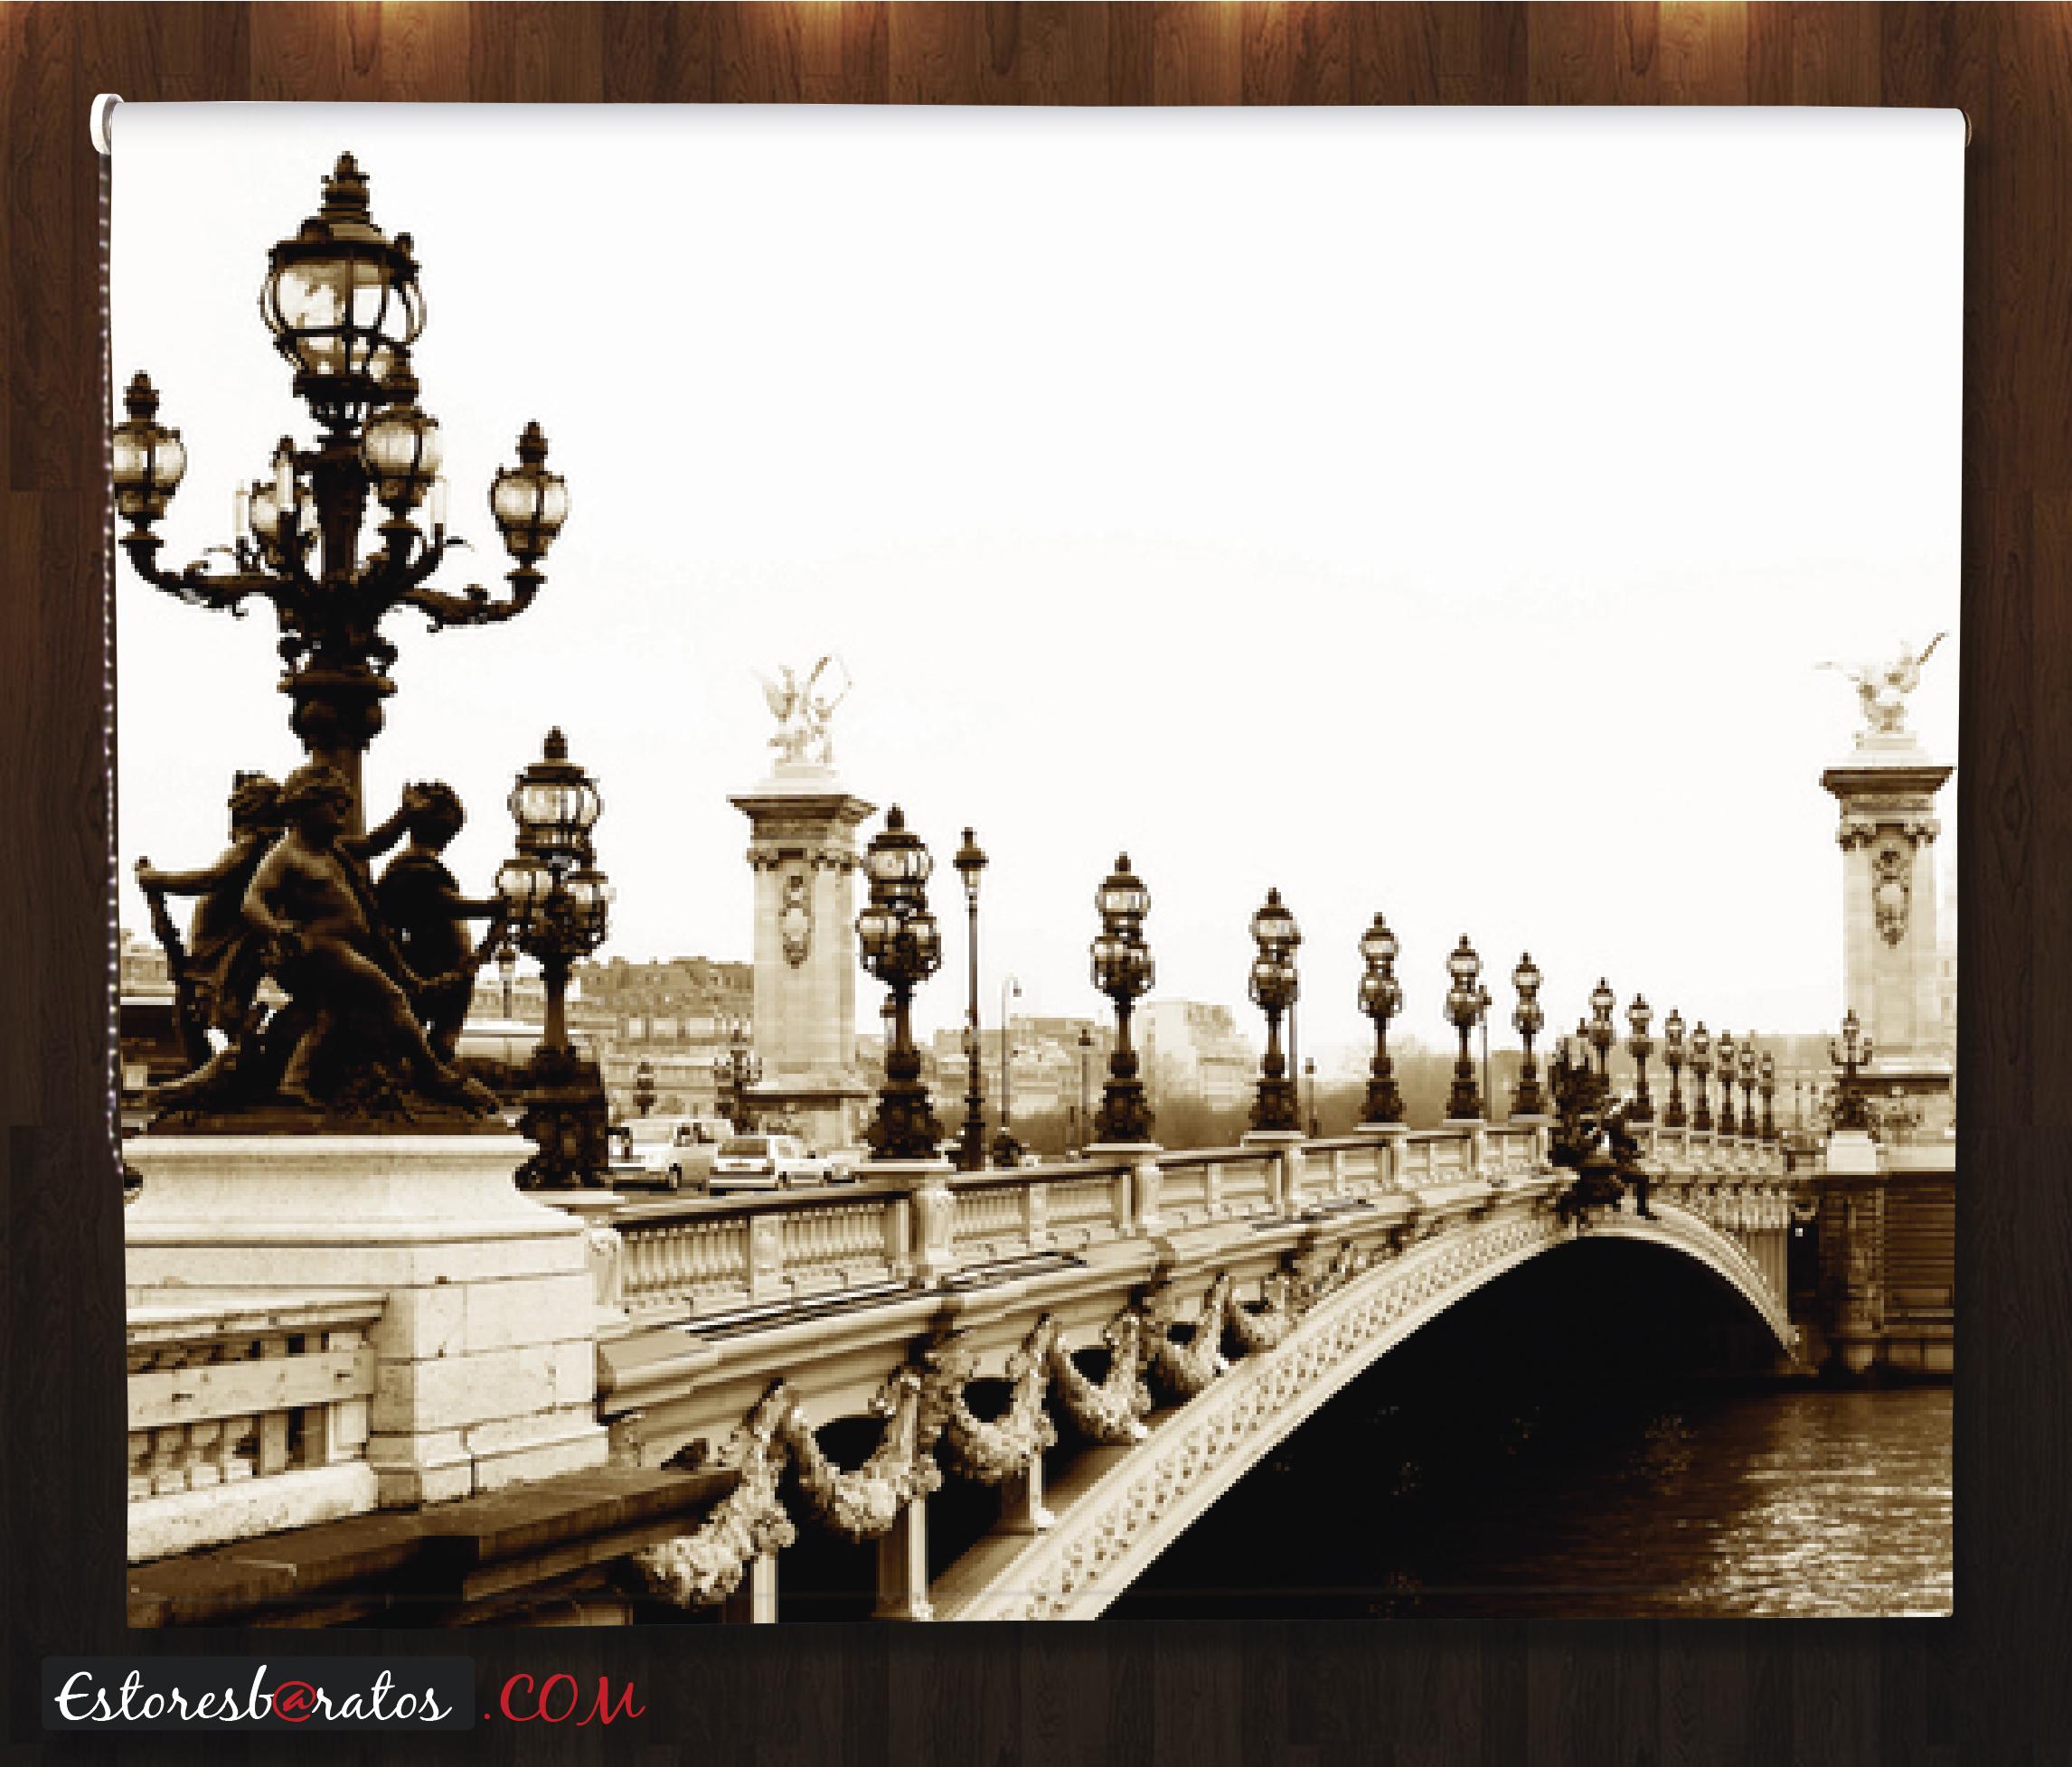 Estor fotográfico puente sepia